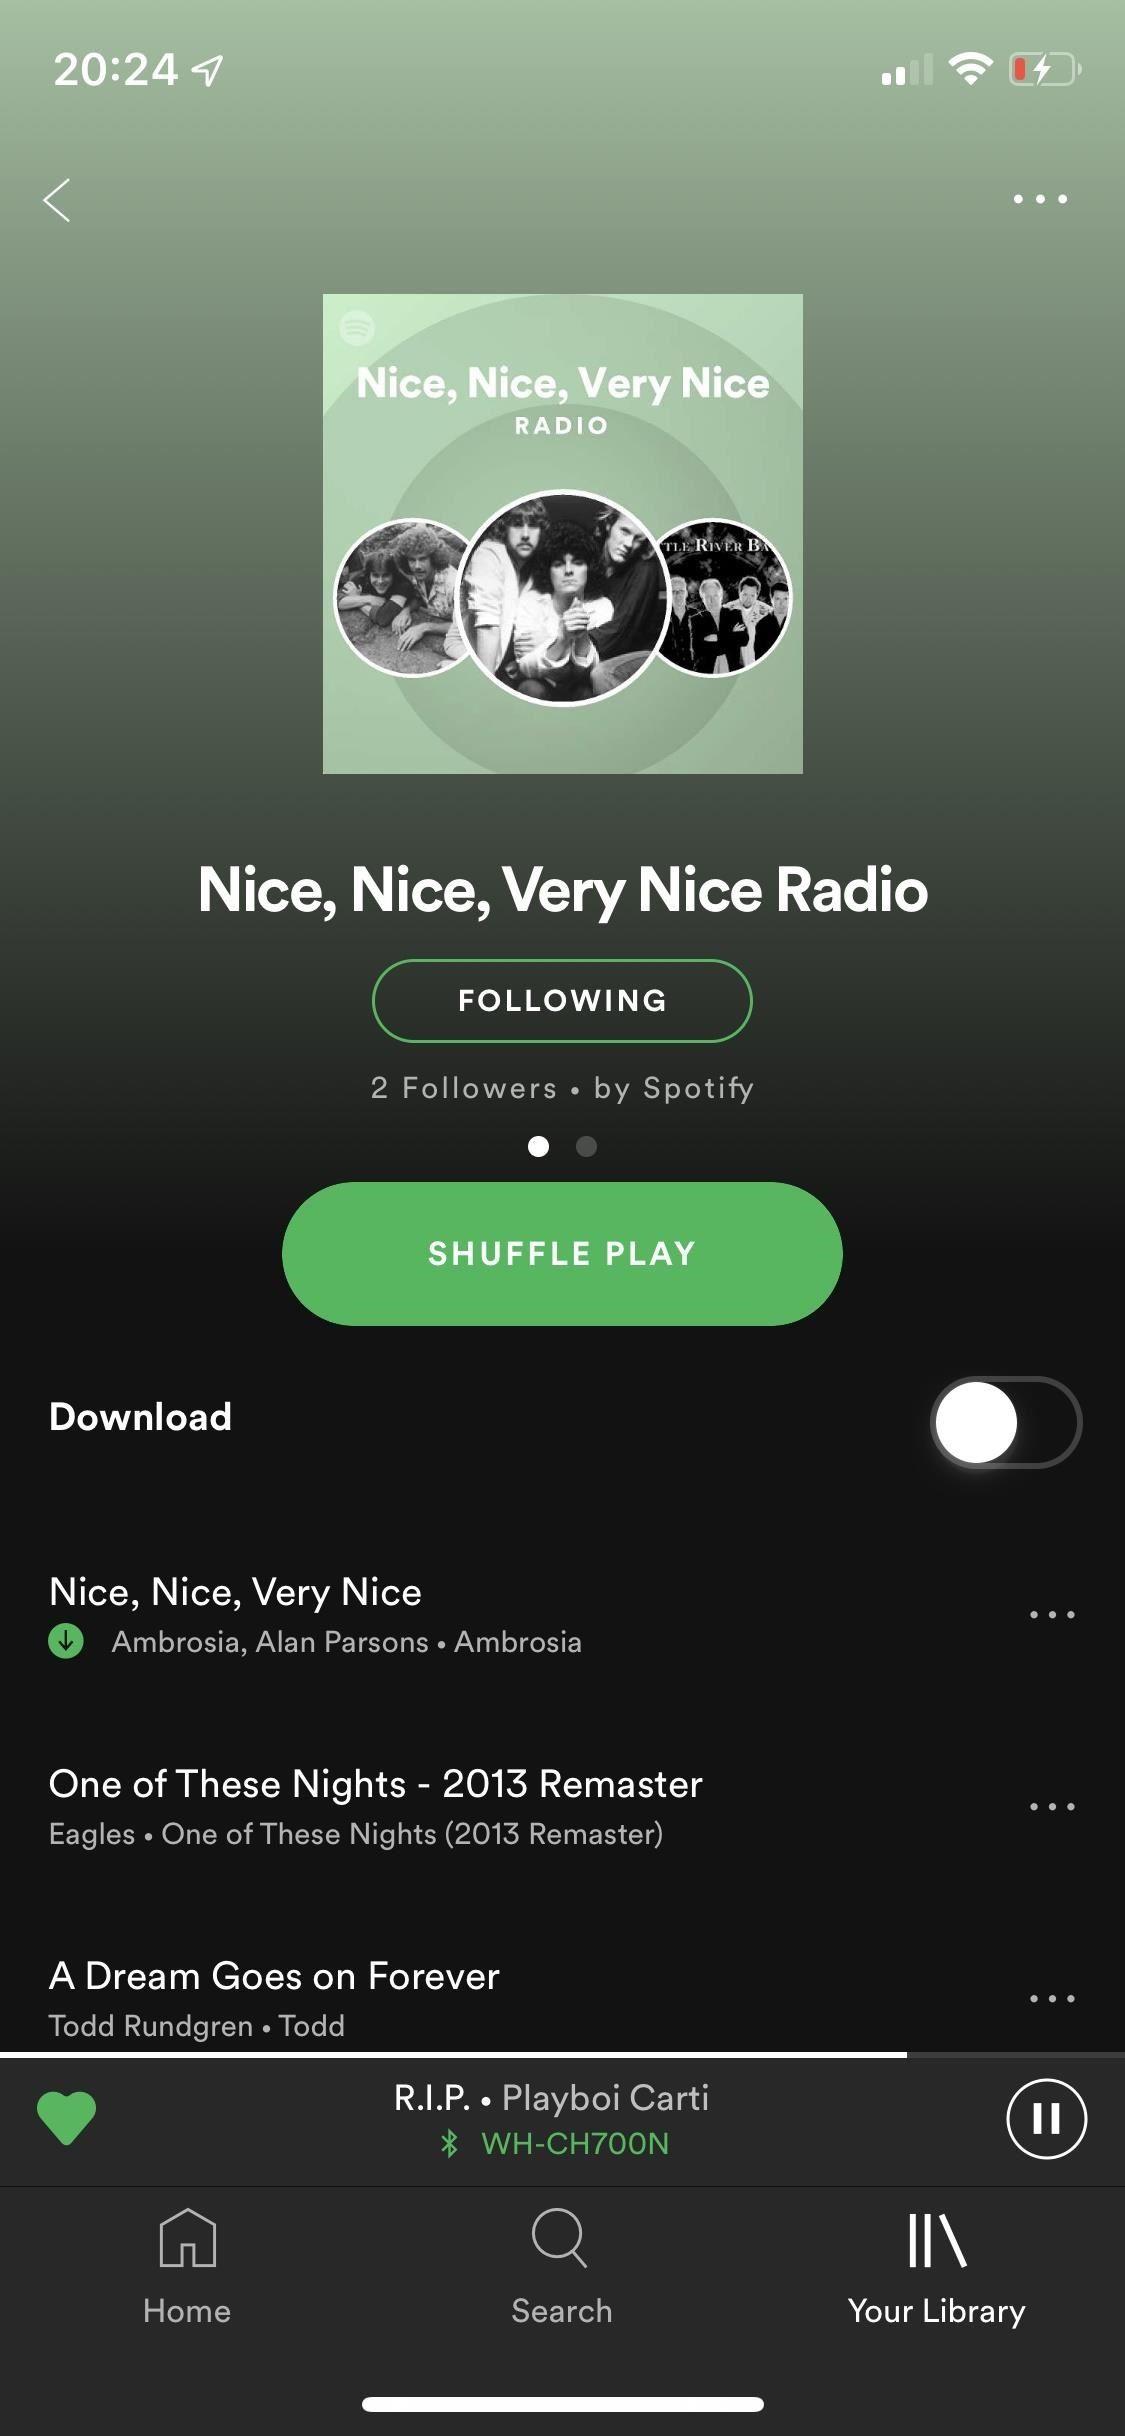 Meilleurs services de diffusion musicale: Spotify contre Apple contre Pandora contre Tidal contre Deezer contre Amazon